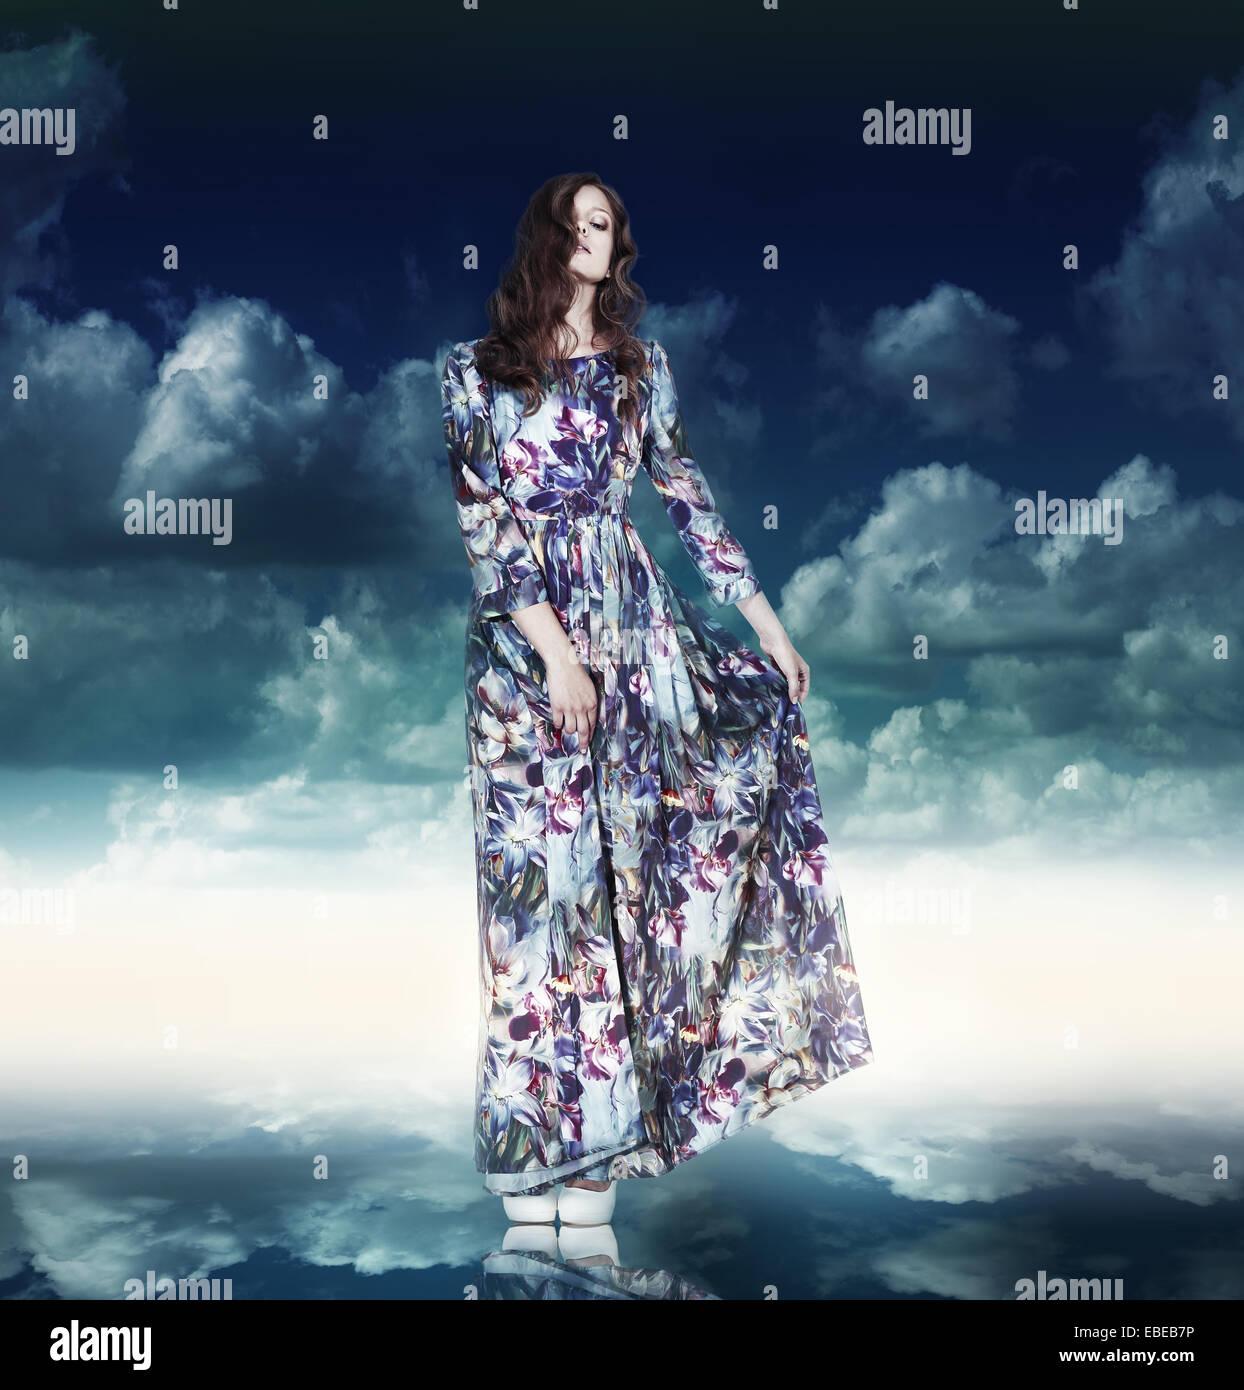 La fantasia. Donna di lusso in abito variegato oltre il cielo blu Immagini Stock